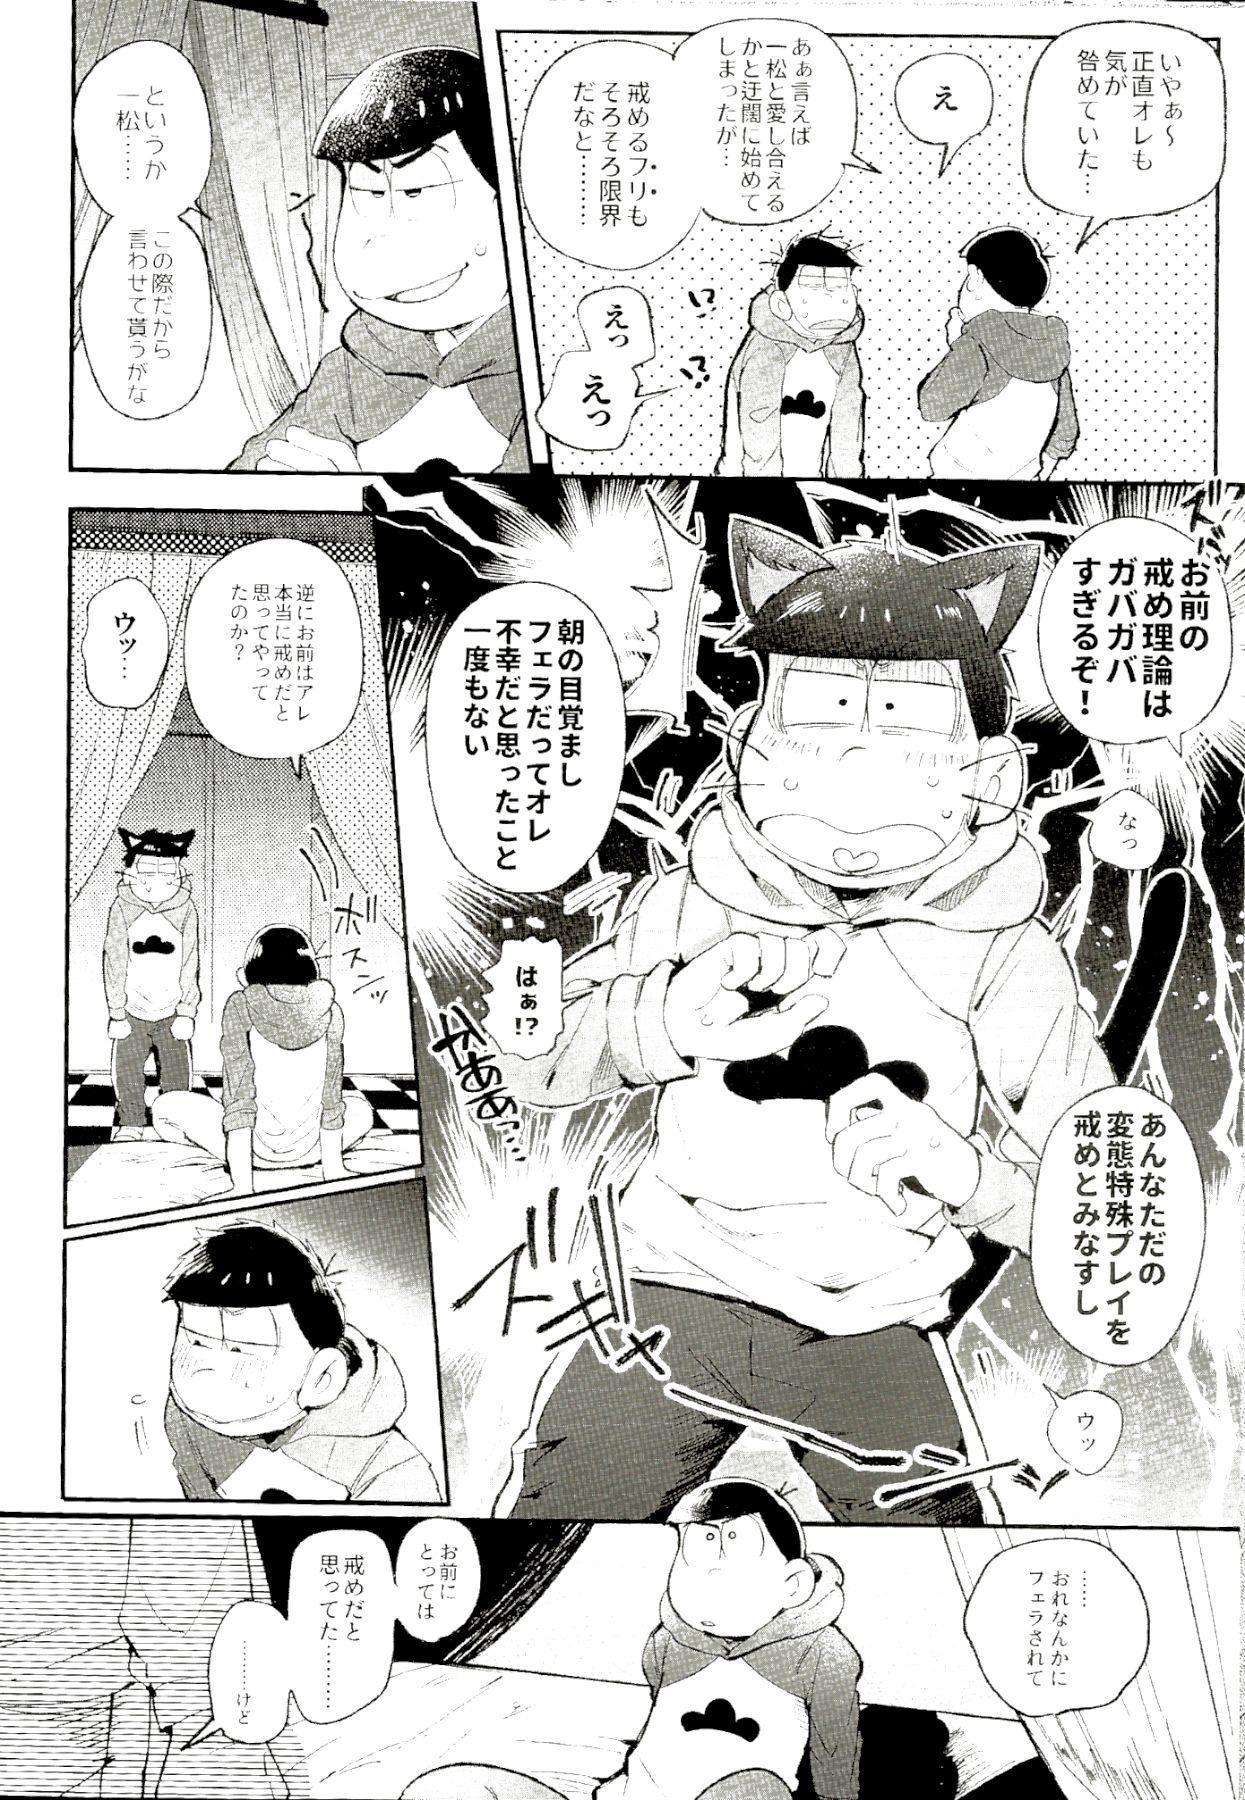 Kore ga Bokura no Imashime Riron 30